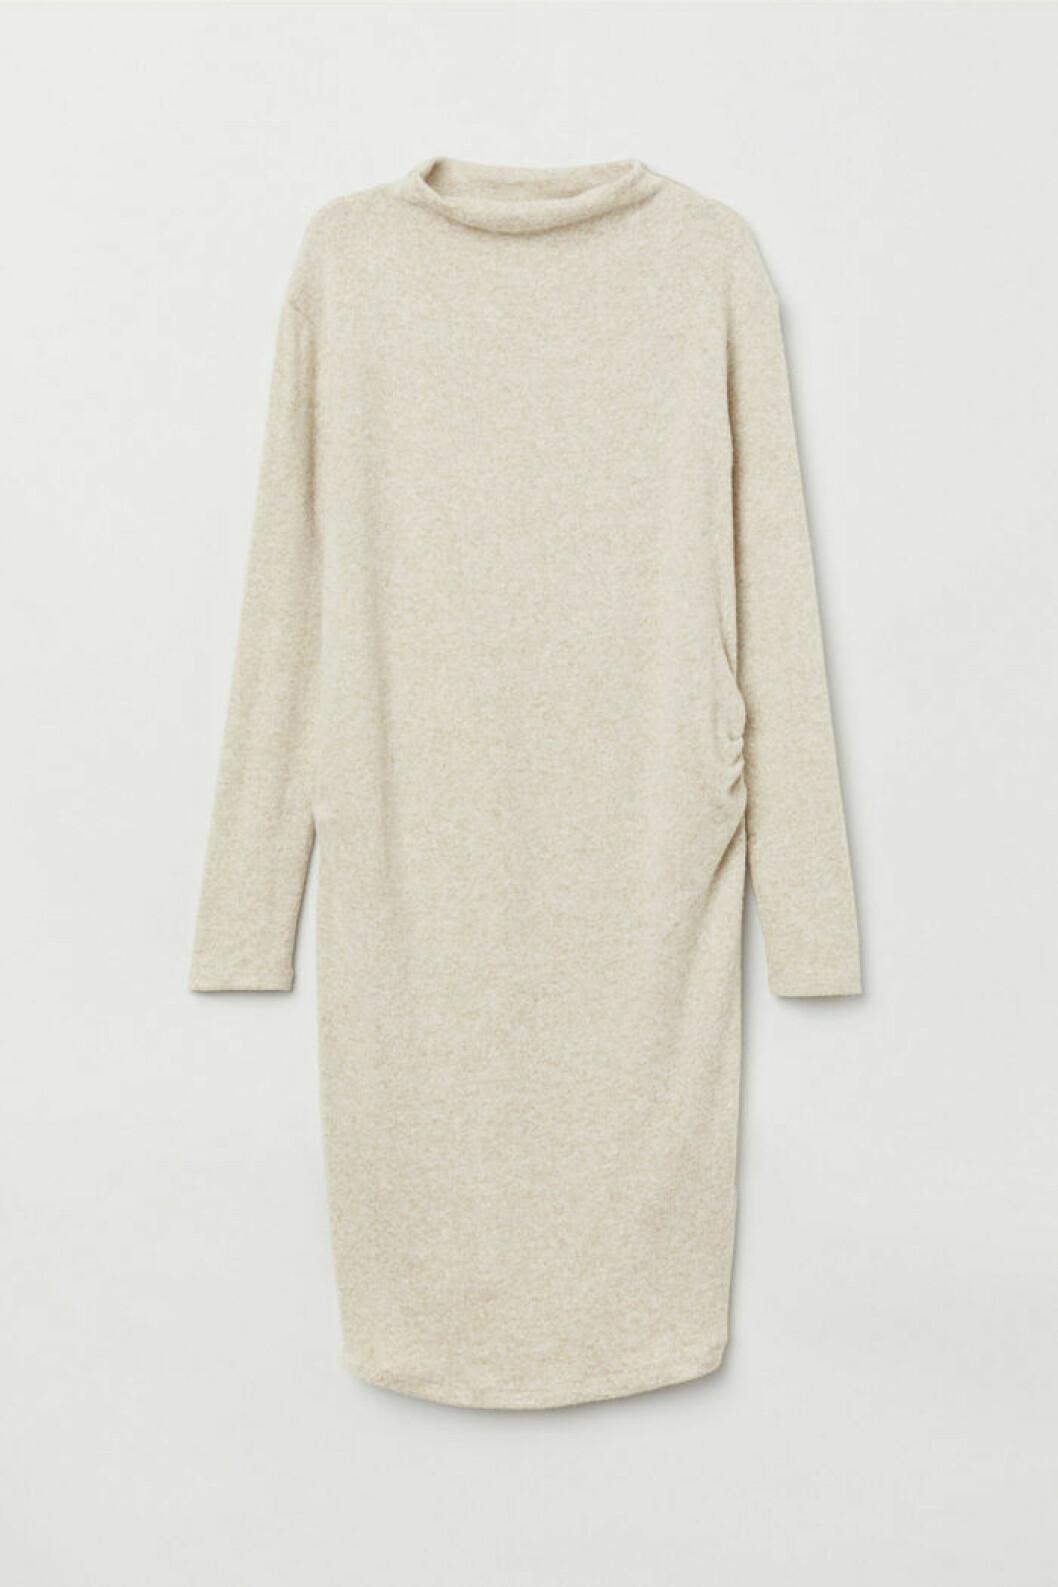 Meghan Markle i klänning från H&M